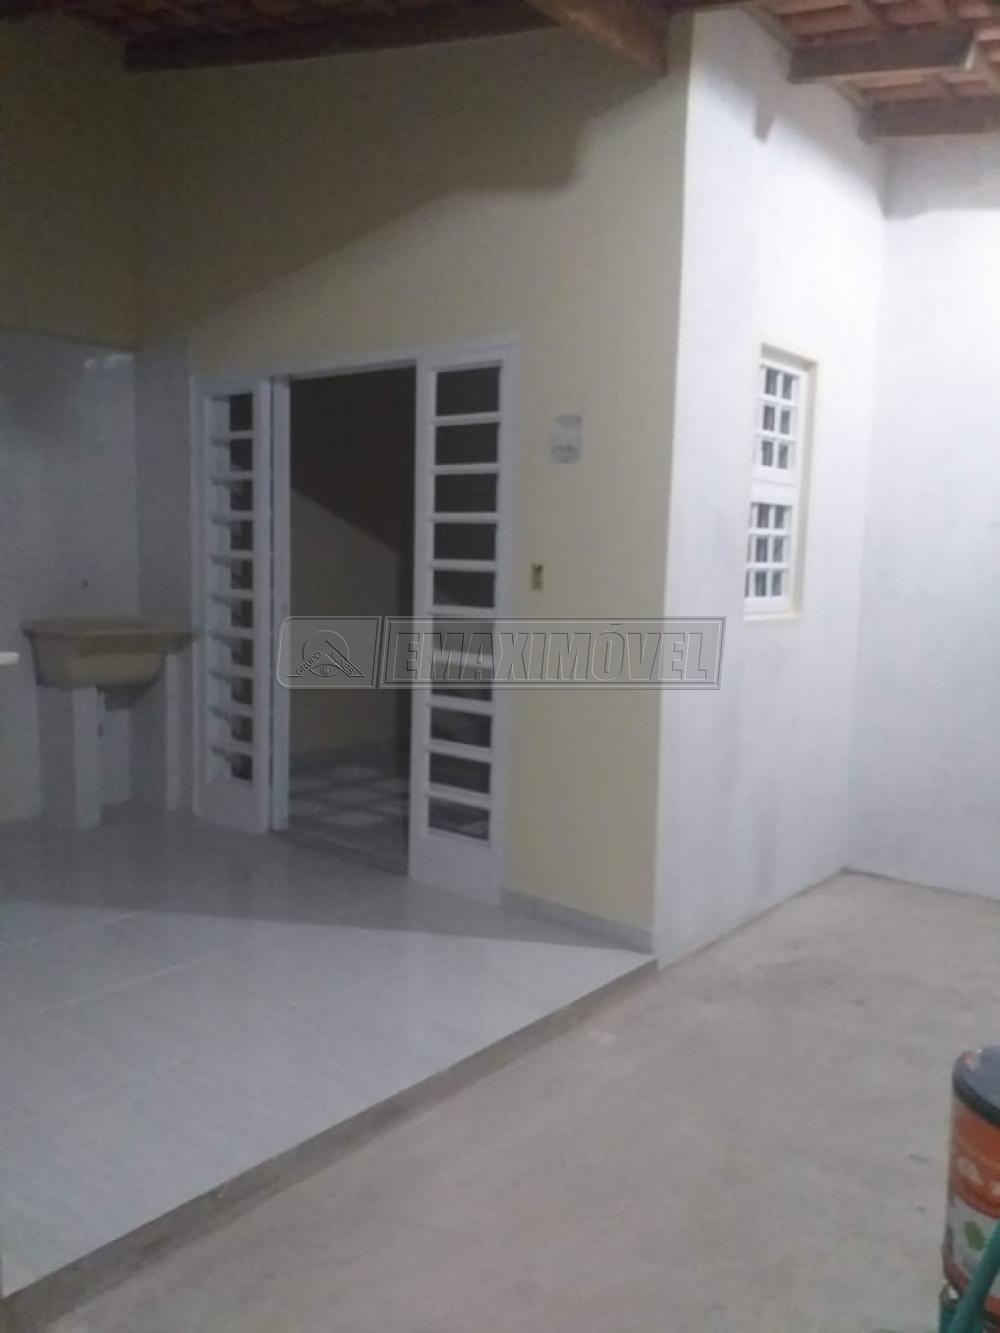 Comprar Casa / em Condomínios em Sorocaba R$ 270.000,00 - Foto 9